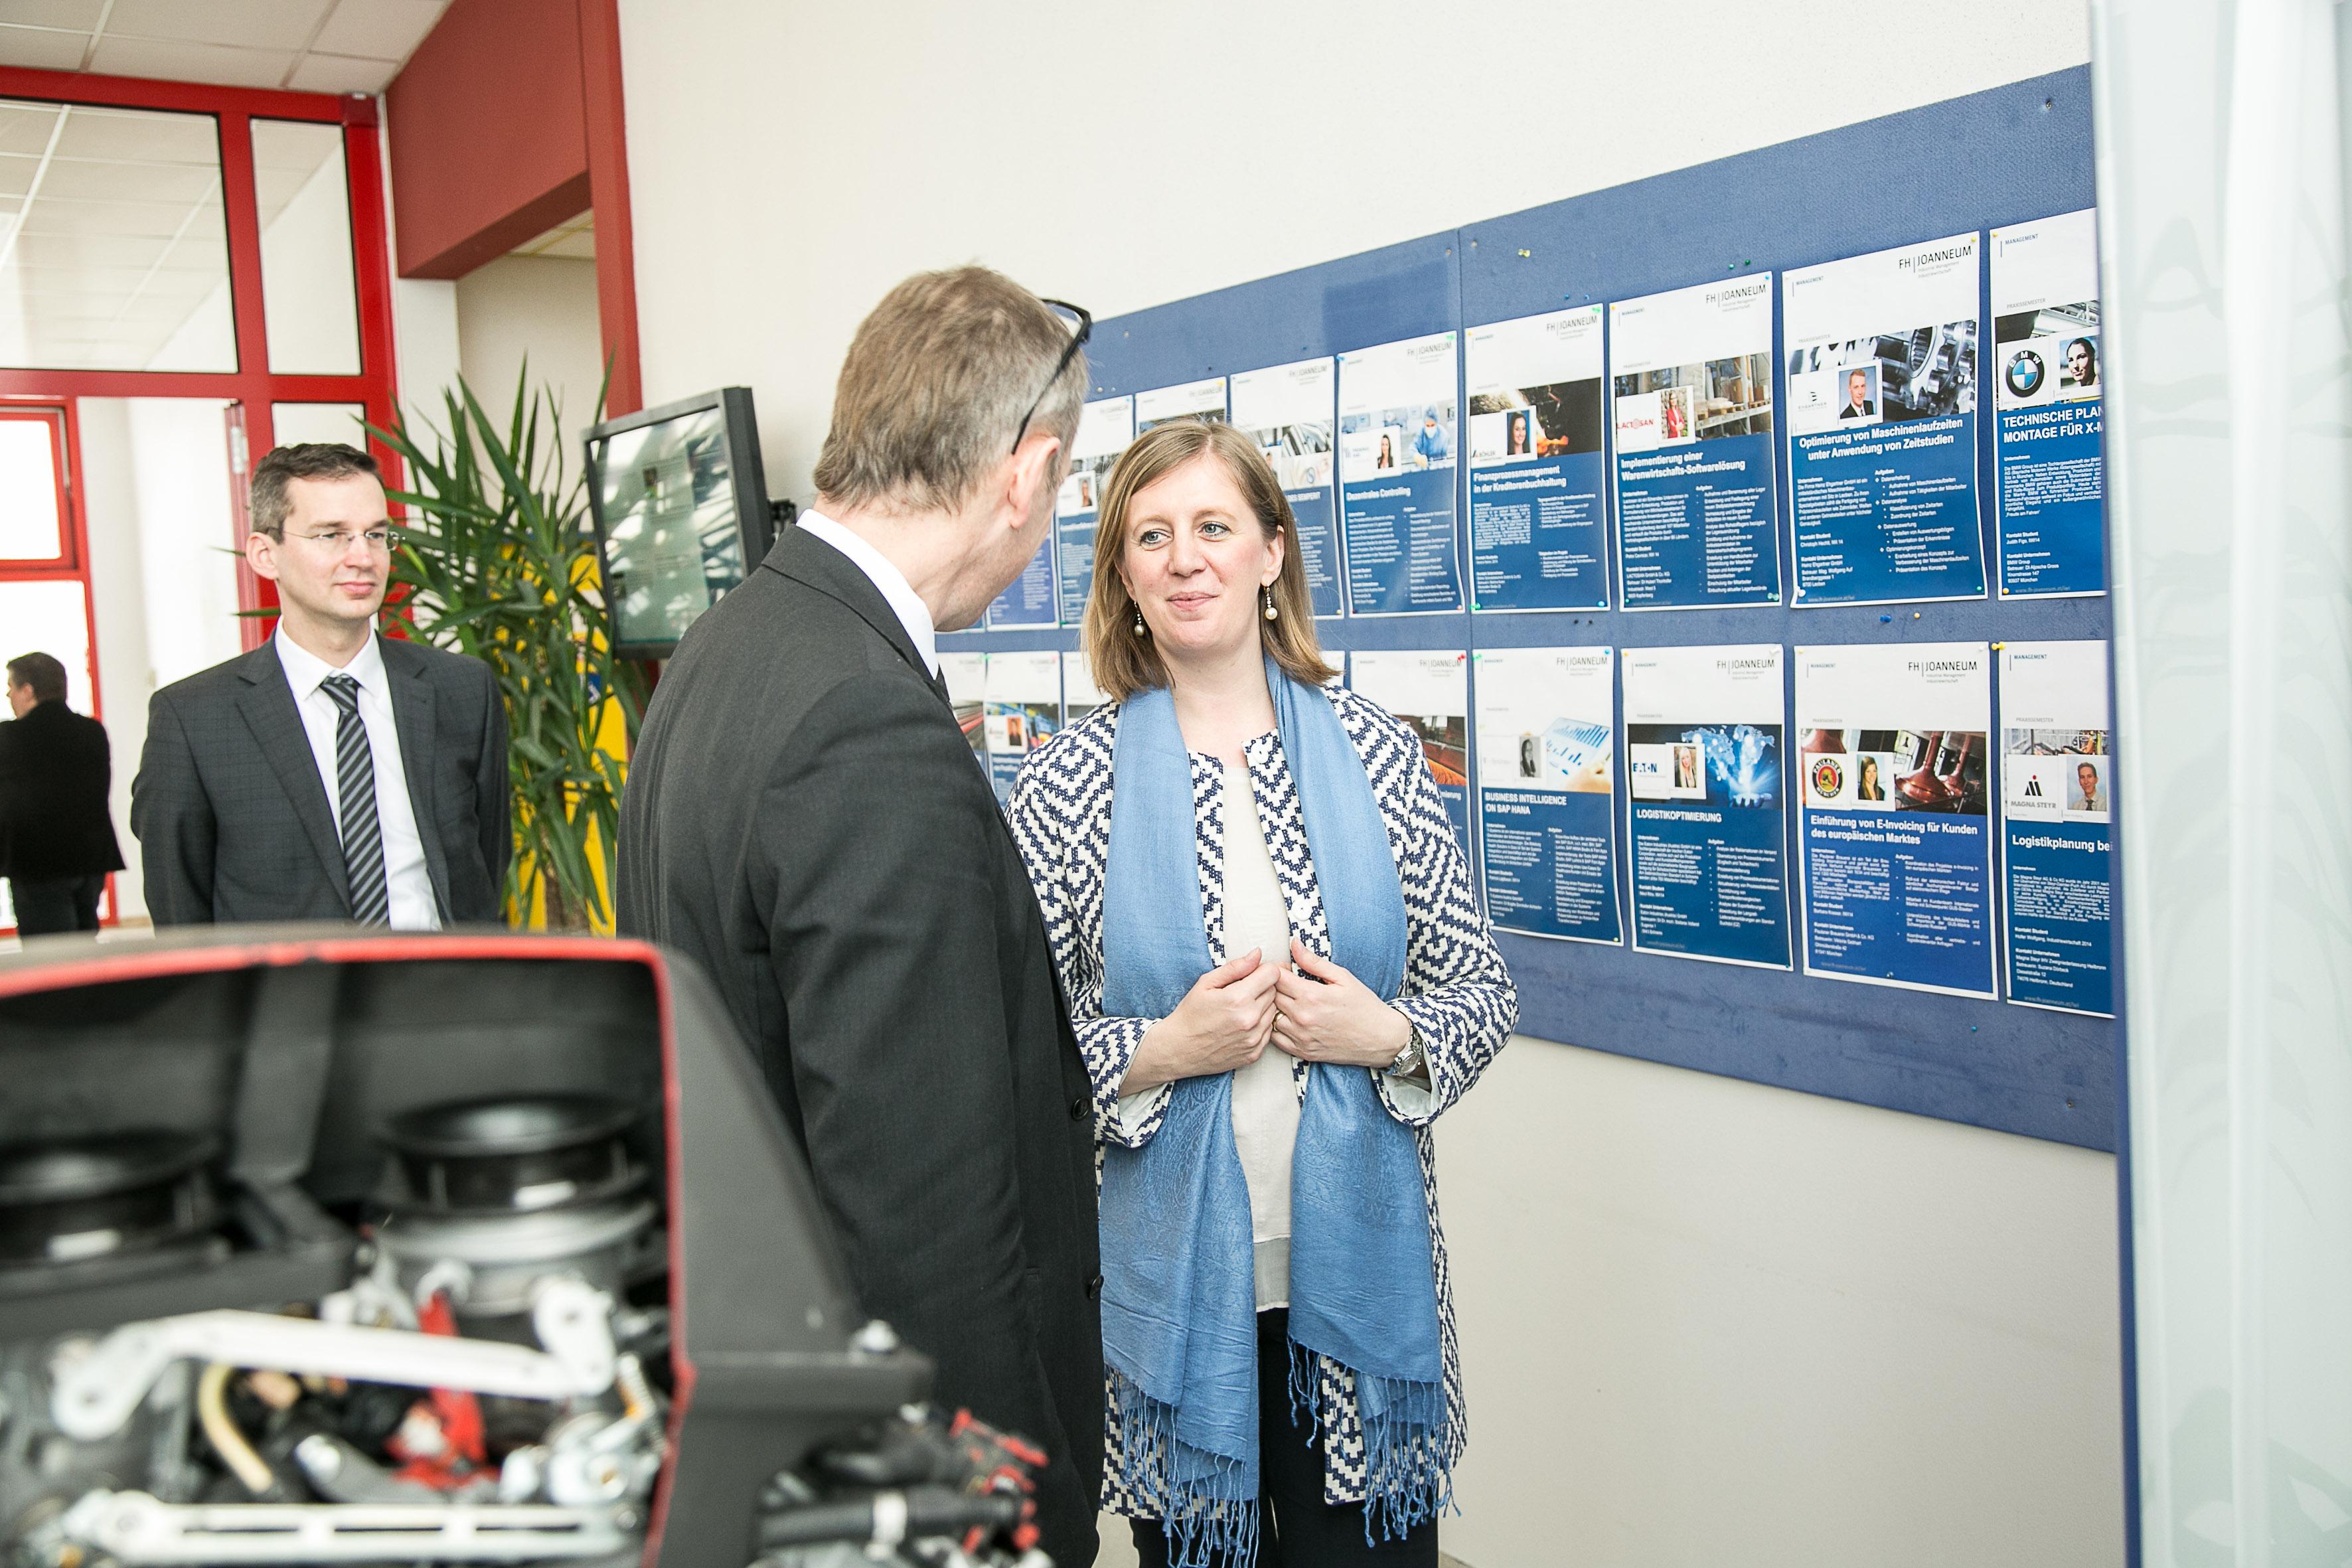 Zwei Personen im Gespräch vor einer Wand mit Projektbeschreibungen.